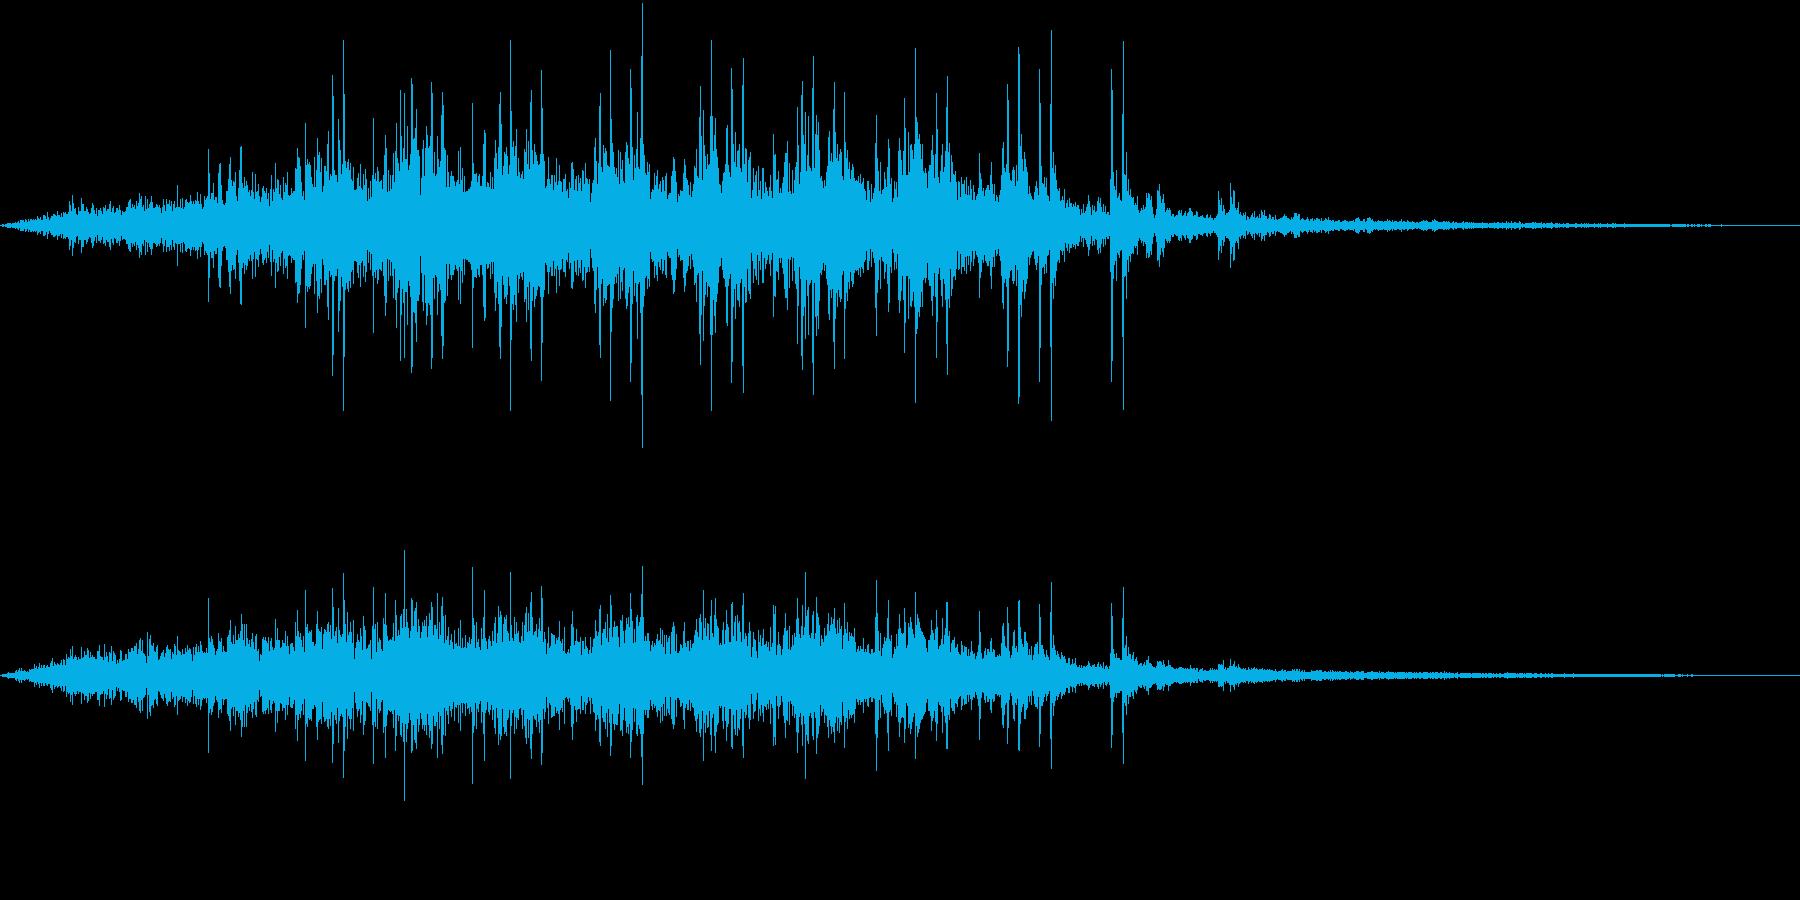 【生録音】電車が通る音 京王線 2の再生済みの波形